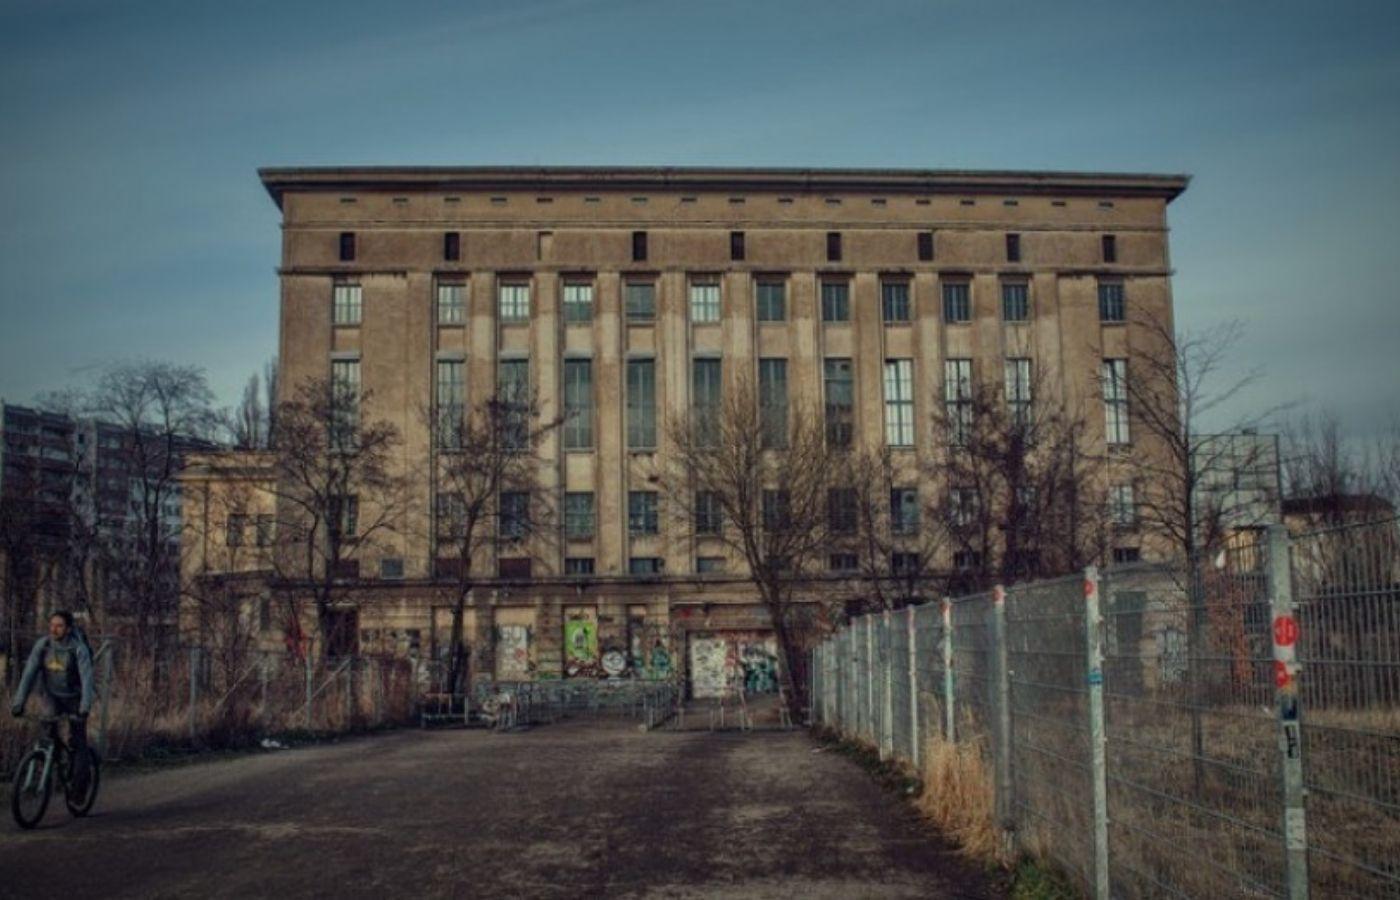 Berlín declara a los clubes nocturnos como instituciones culturales